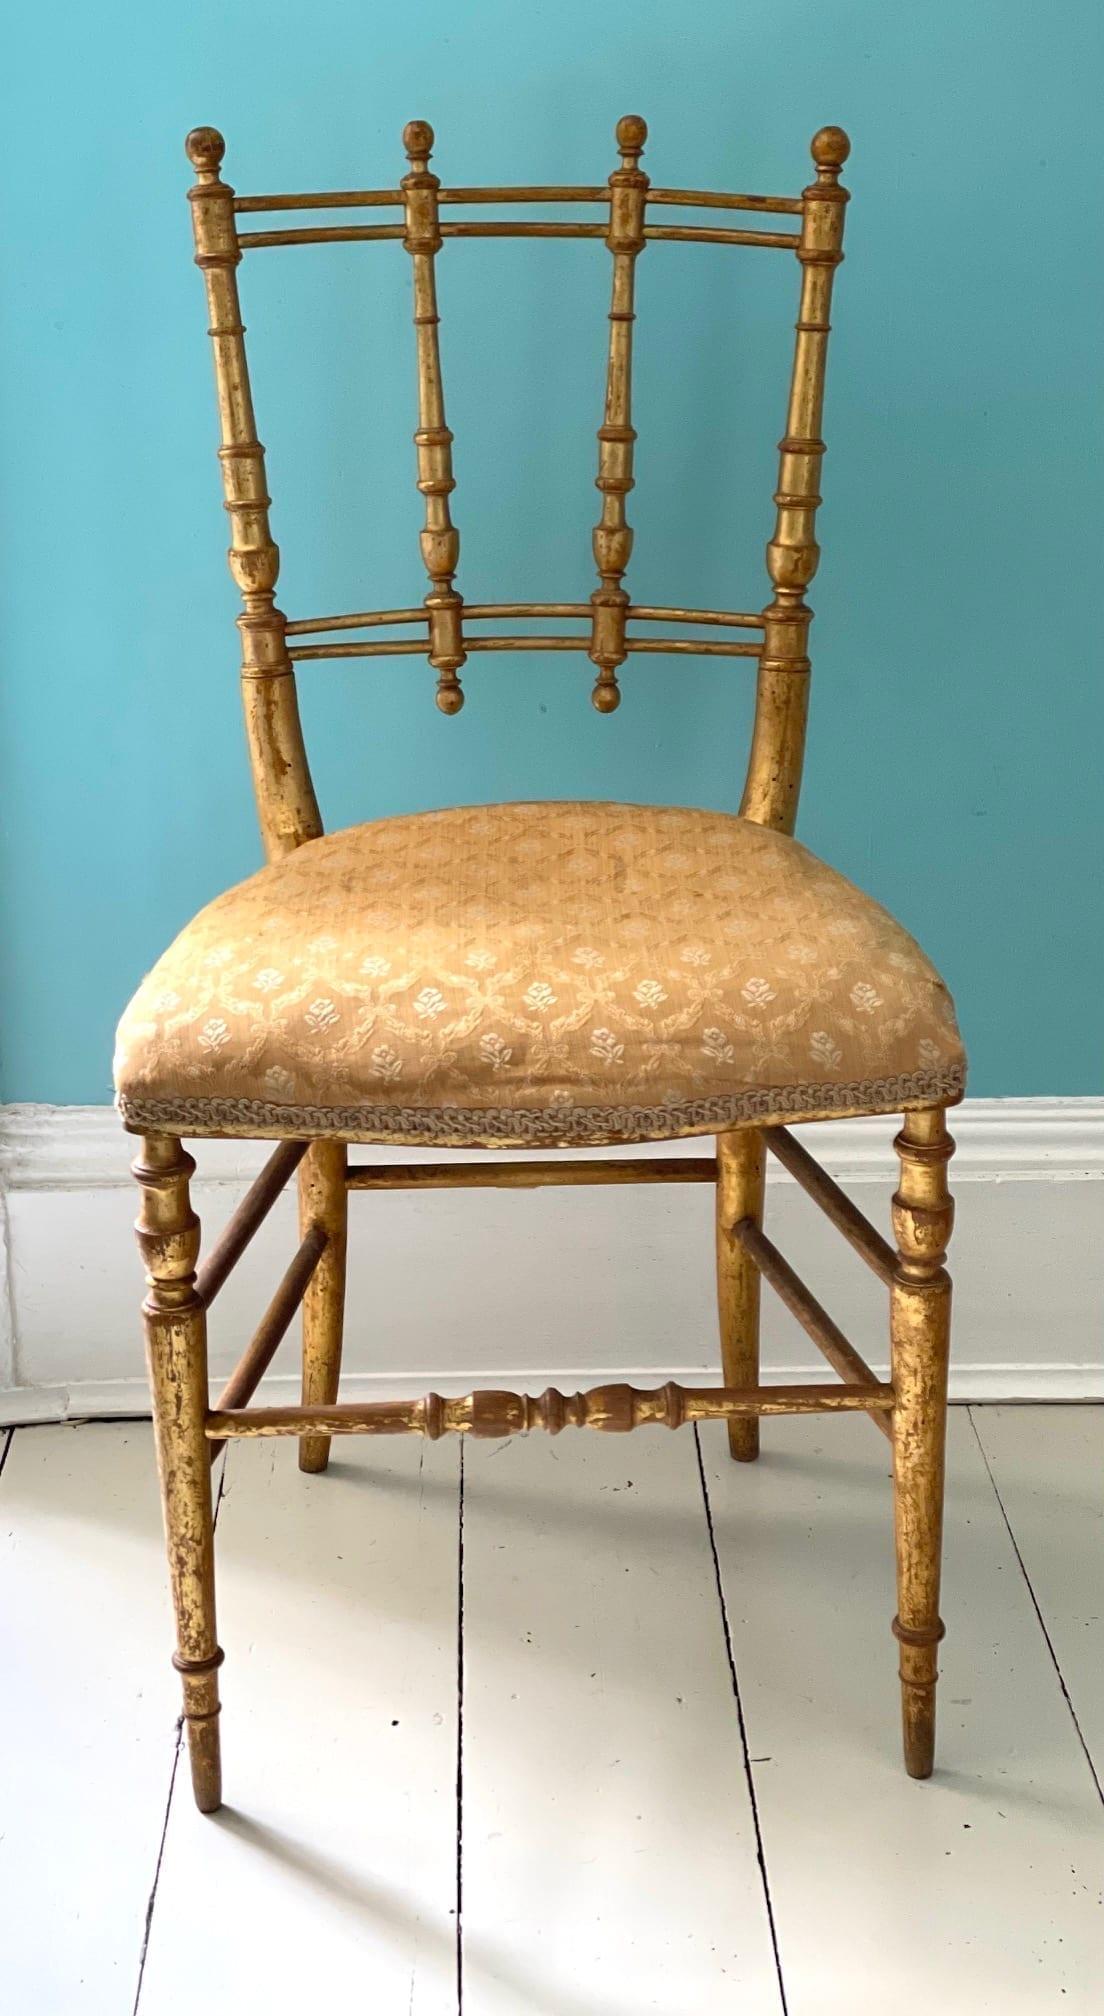 goldl chair 6